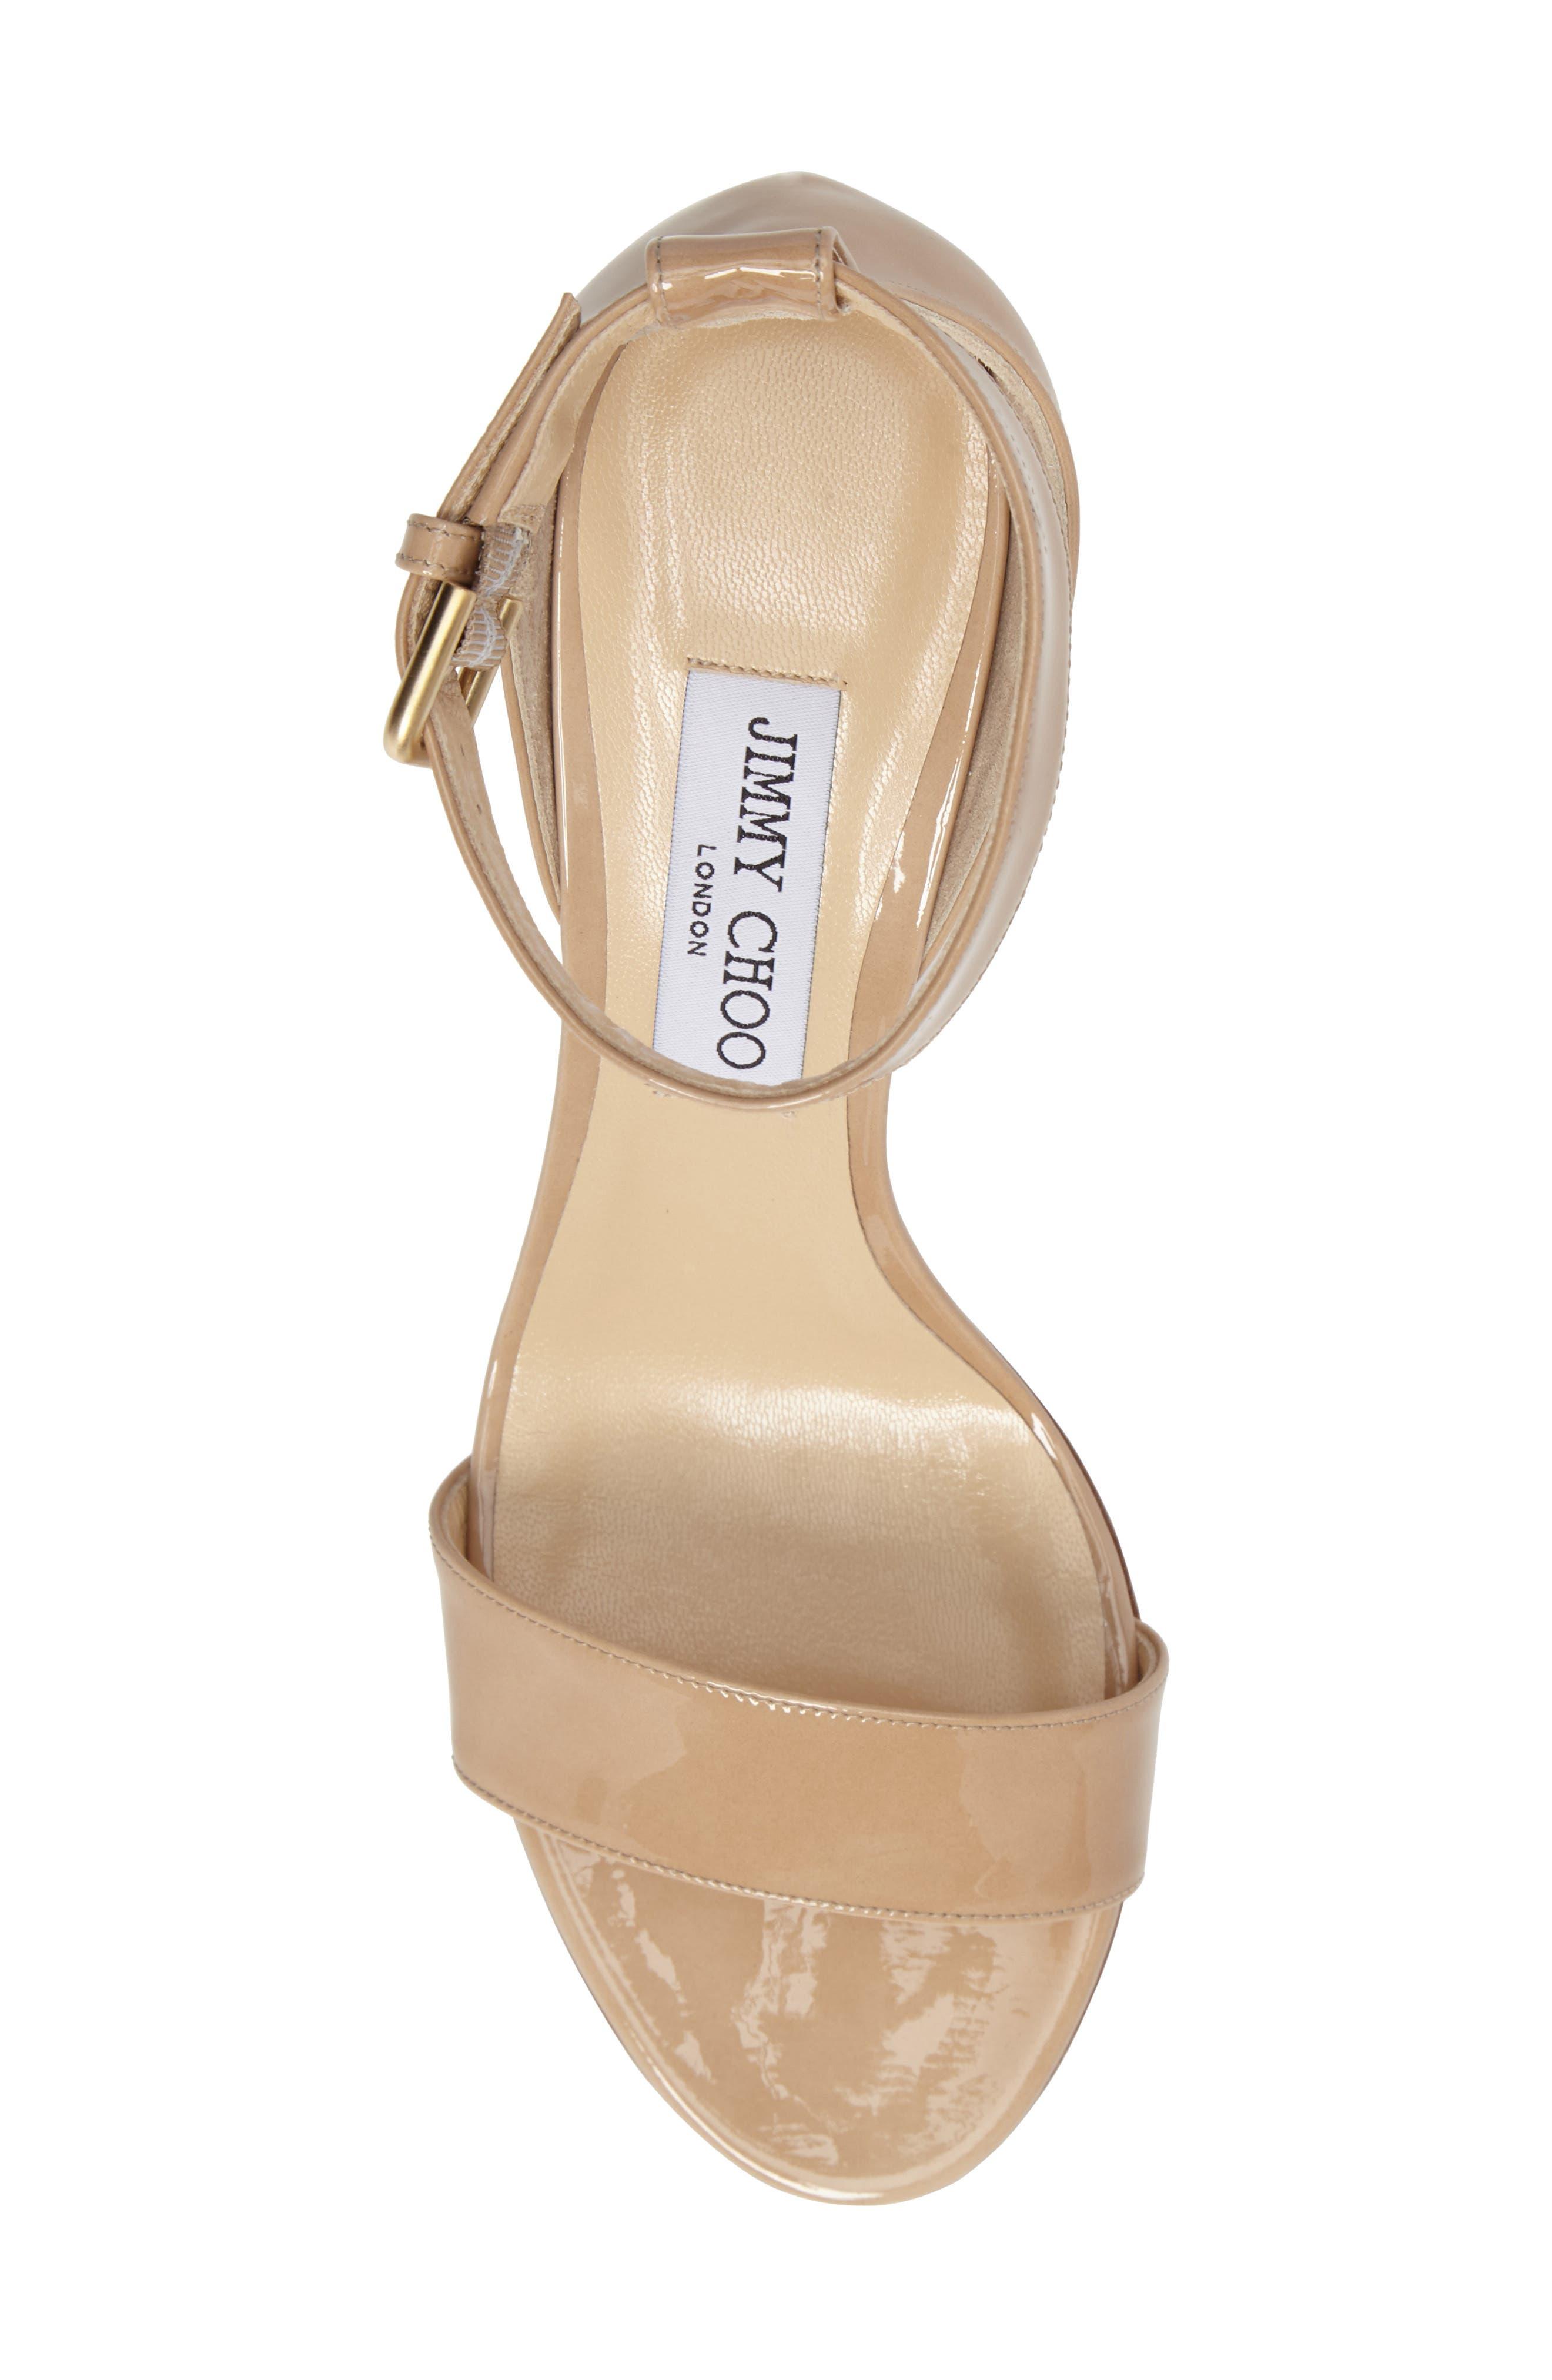 Edina Ankle Strap Sandal,                             Alternate thumbnail 5, color,                             Nude Patent